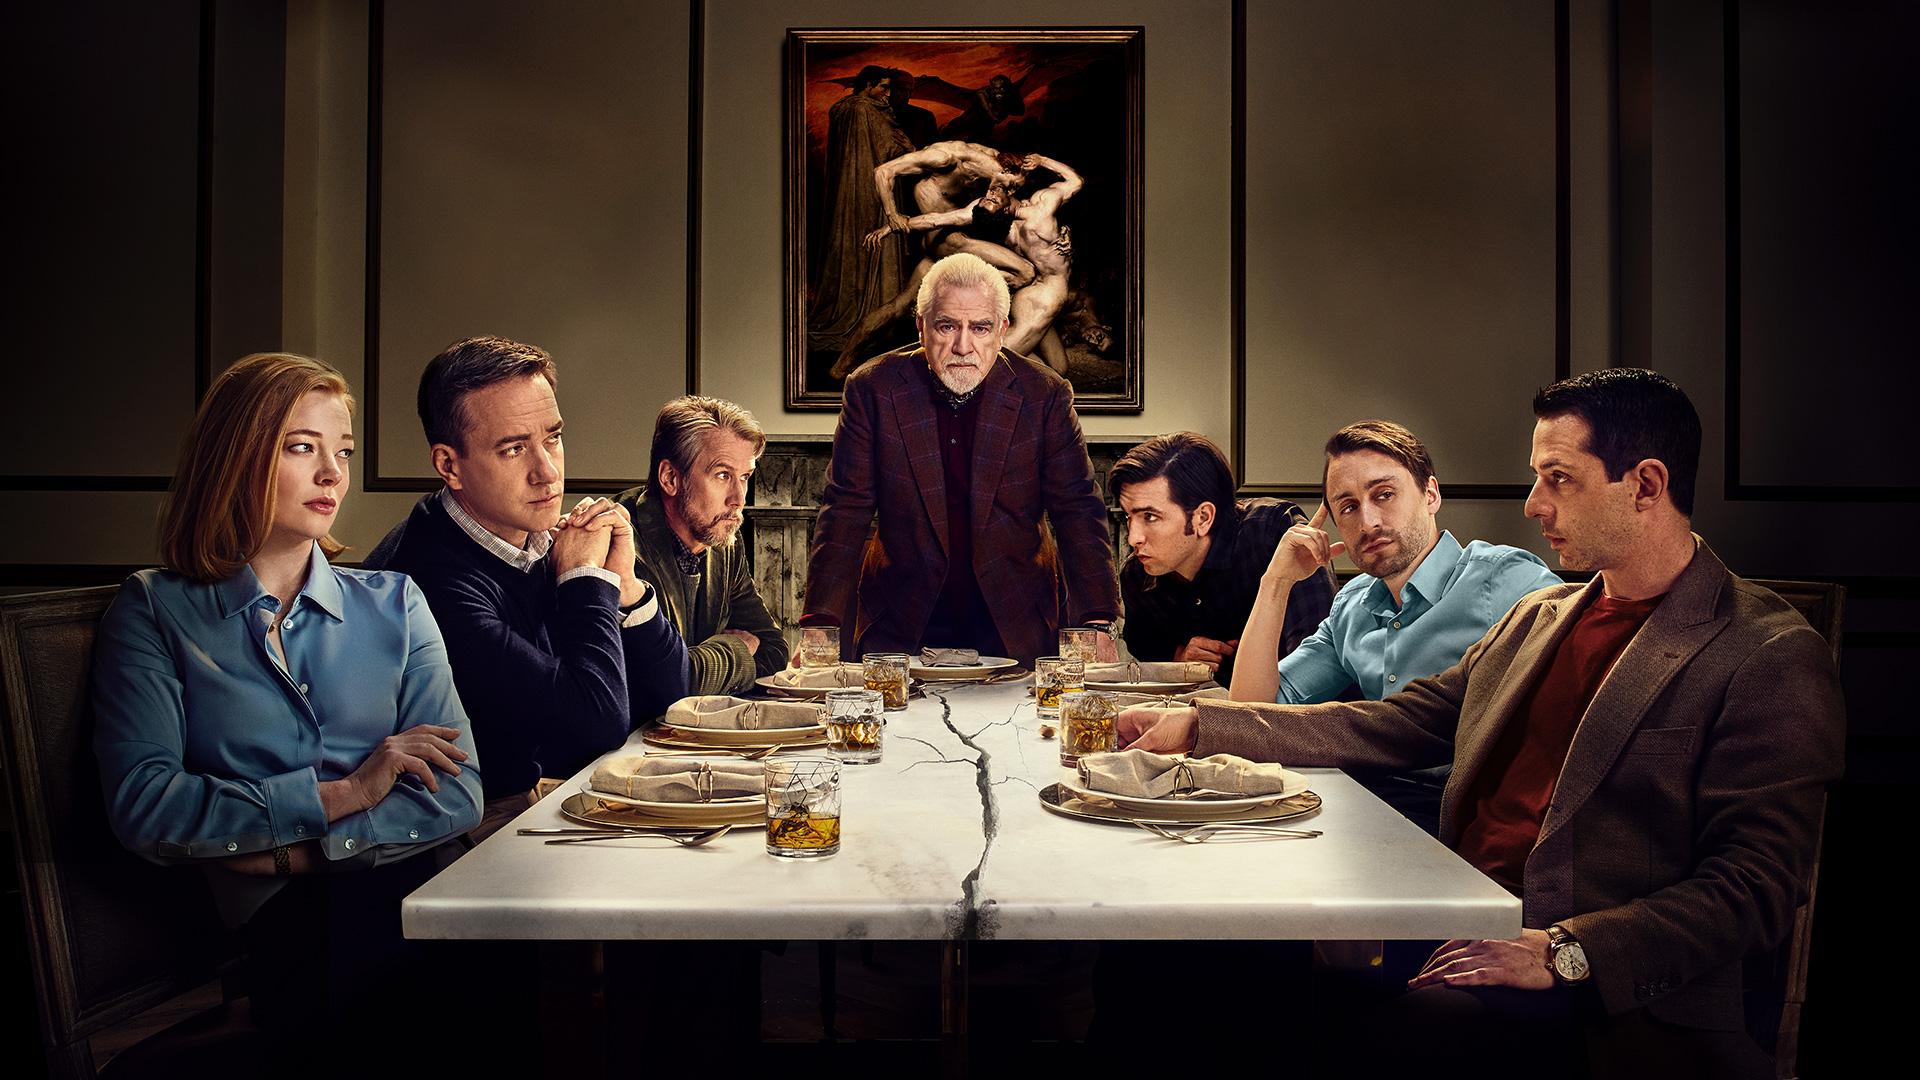 HBO pospone rodaje de Succession y Barry por coronavirus